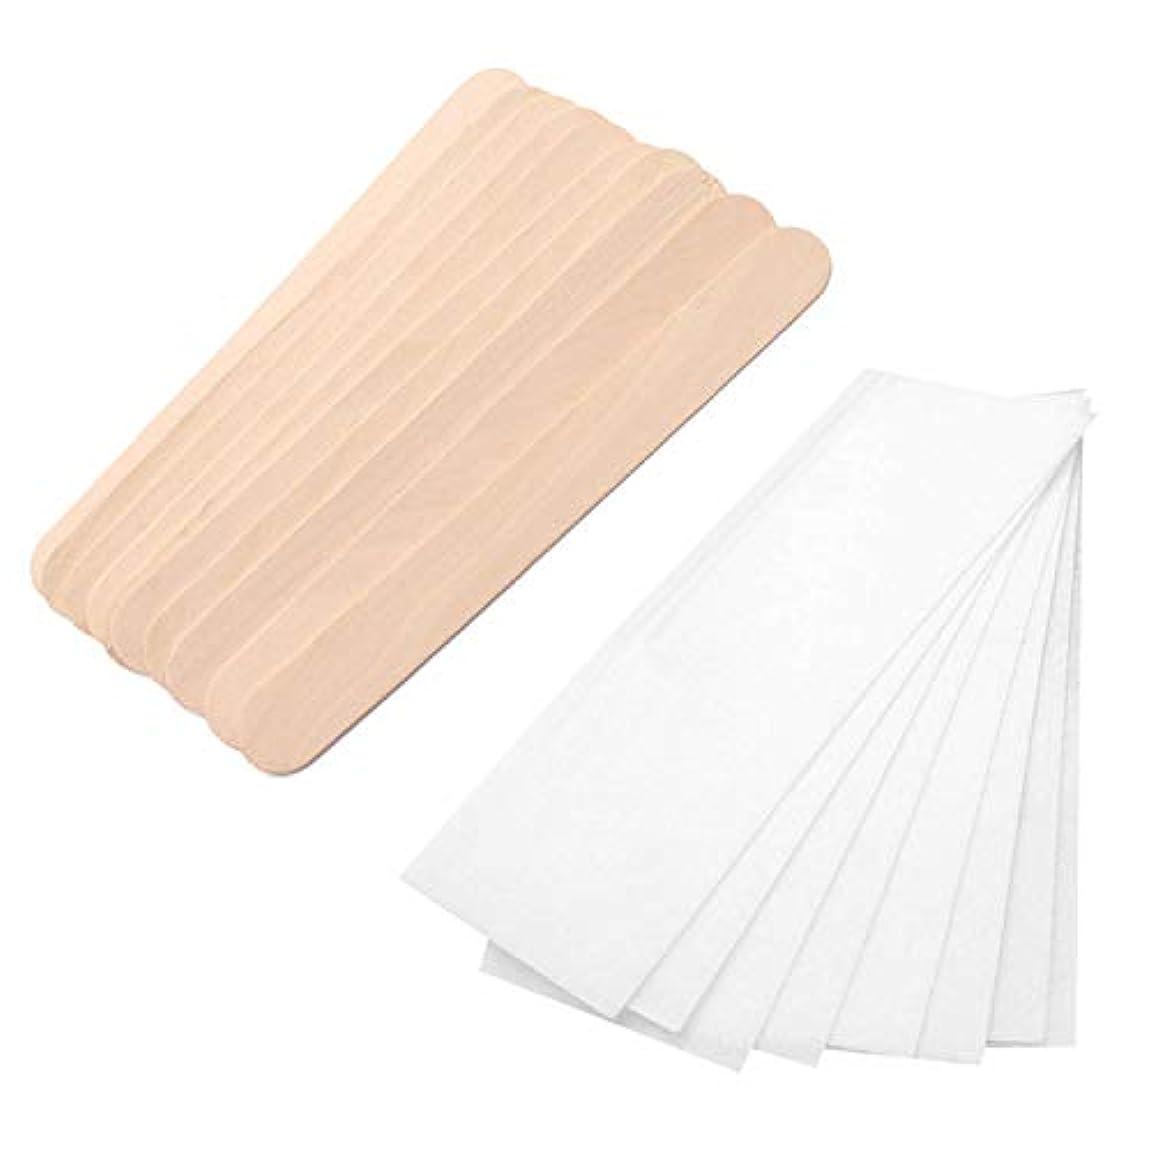 不快小売どれMigavann 100個木製ワックススティック 使い捨て木製ワックススティックへらアプリケーター 100個不織ワックスストリップ脱毛紙